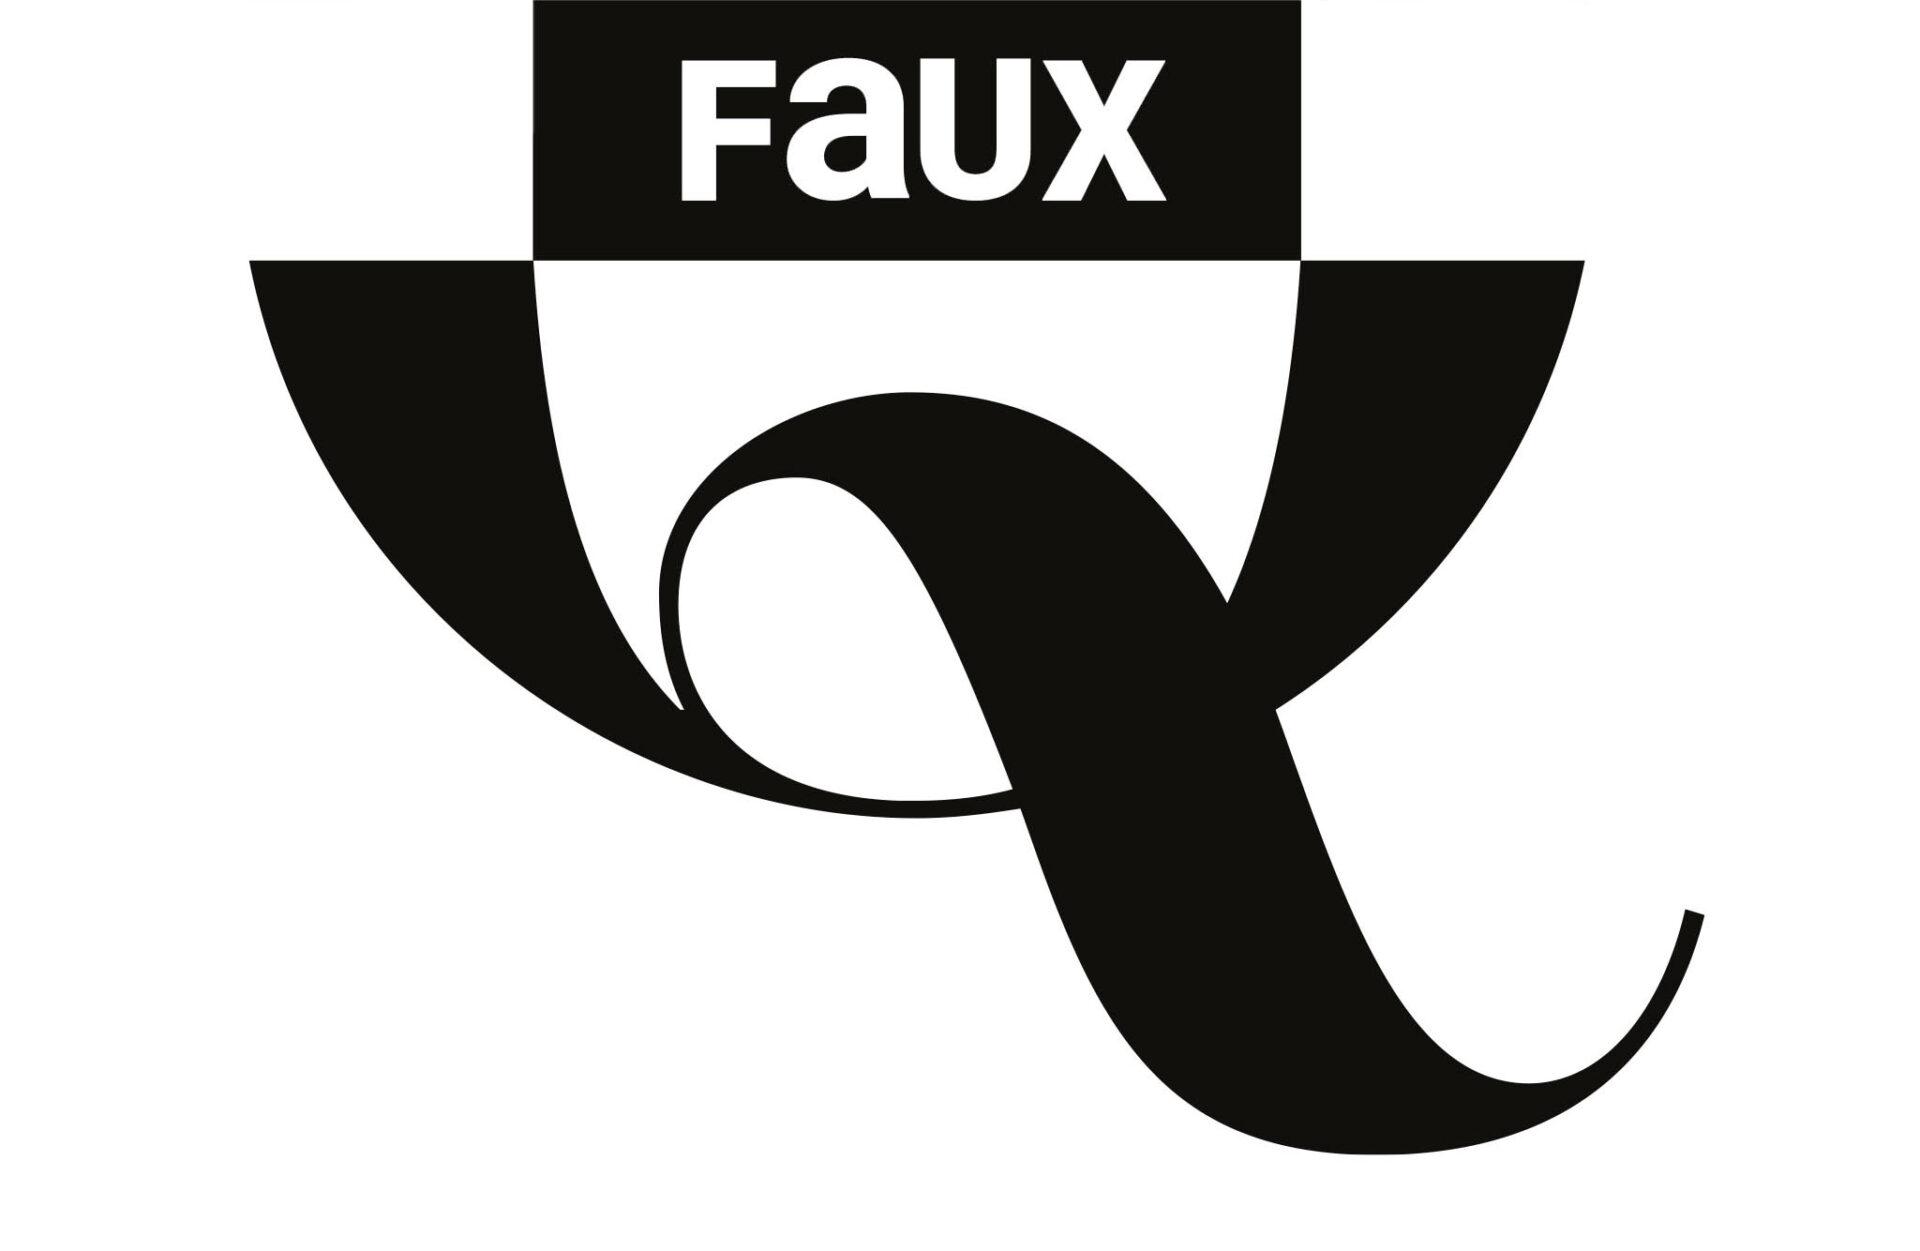 logo Faux Q